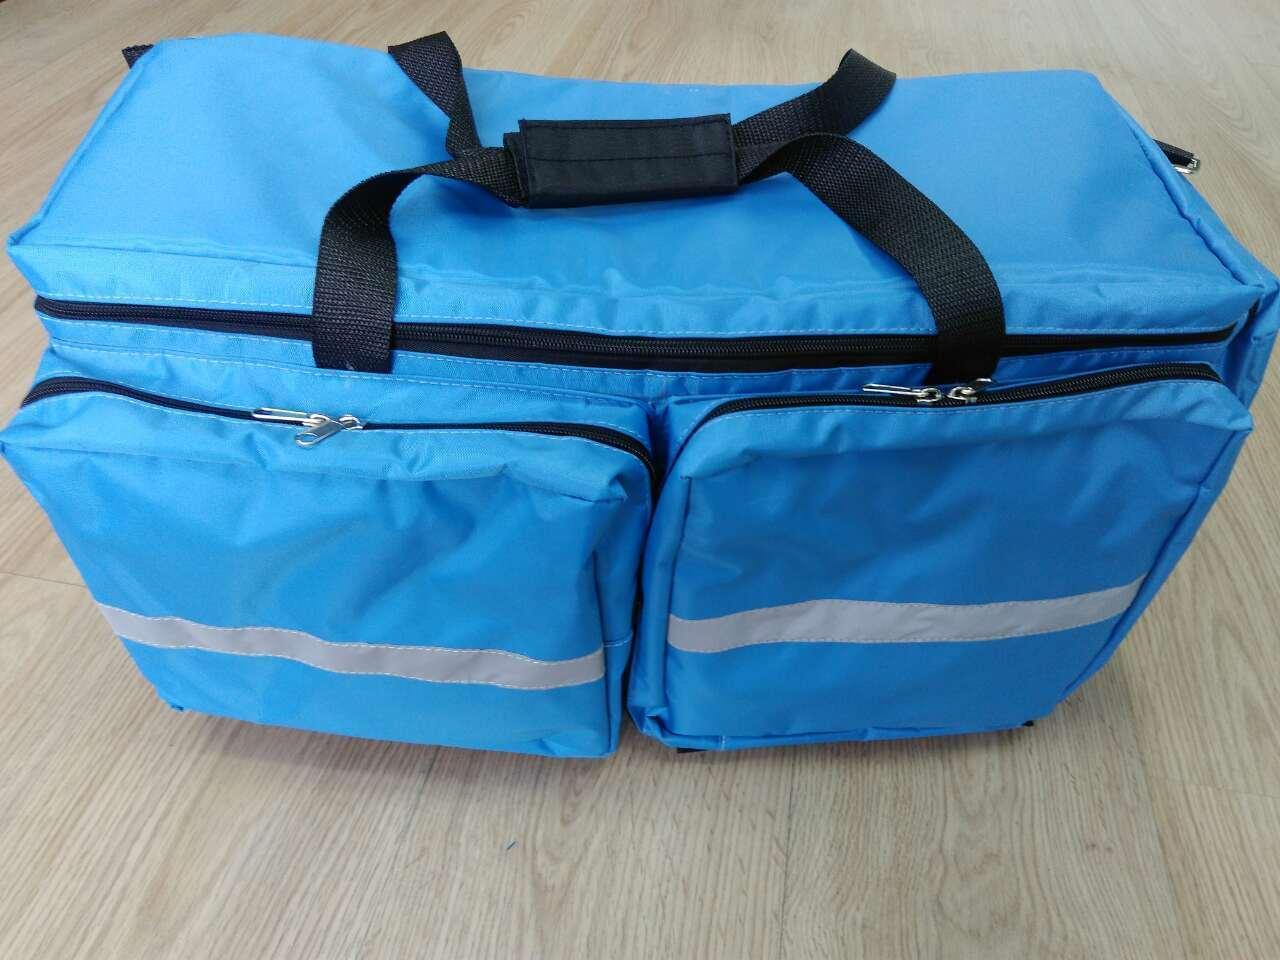 0de6bbeb2bb2 Сумка для врачей 9102. Медицинская сумка – укладка, сумки холодильники. Сумка  скорой помощи